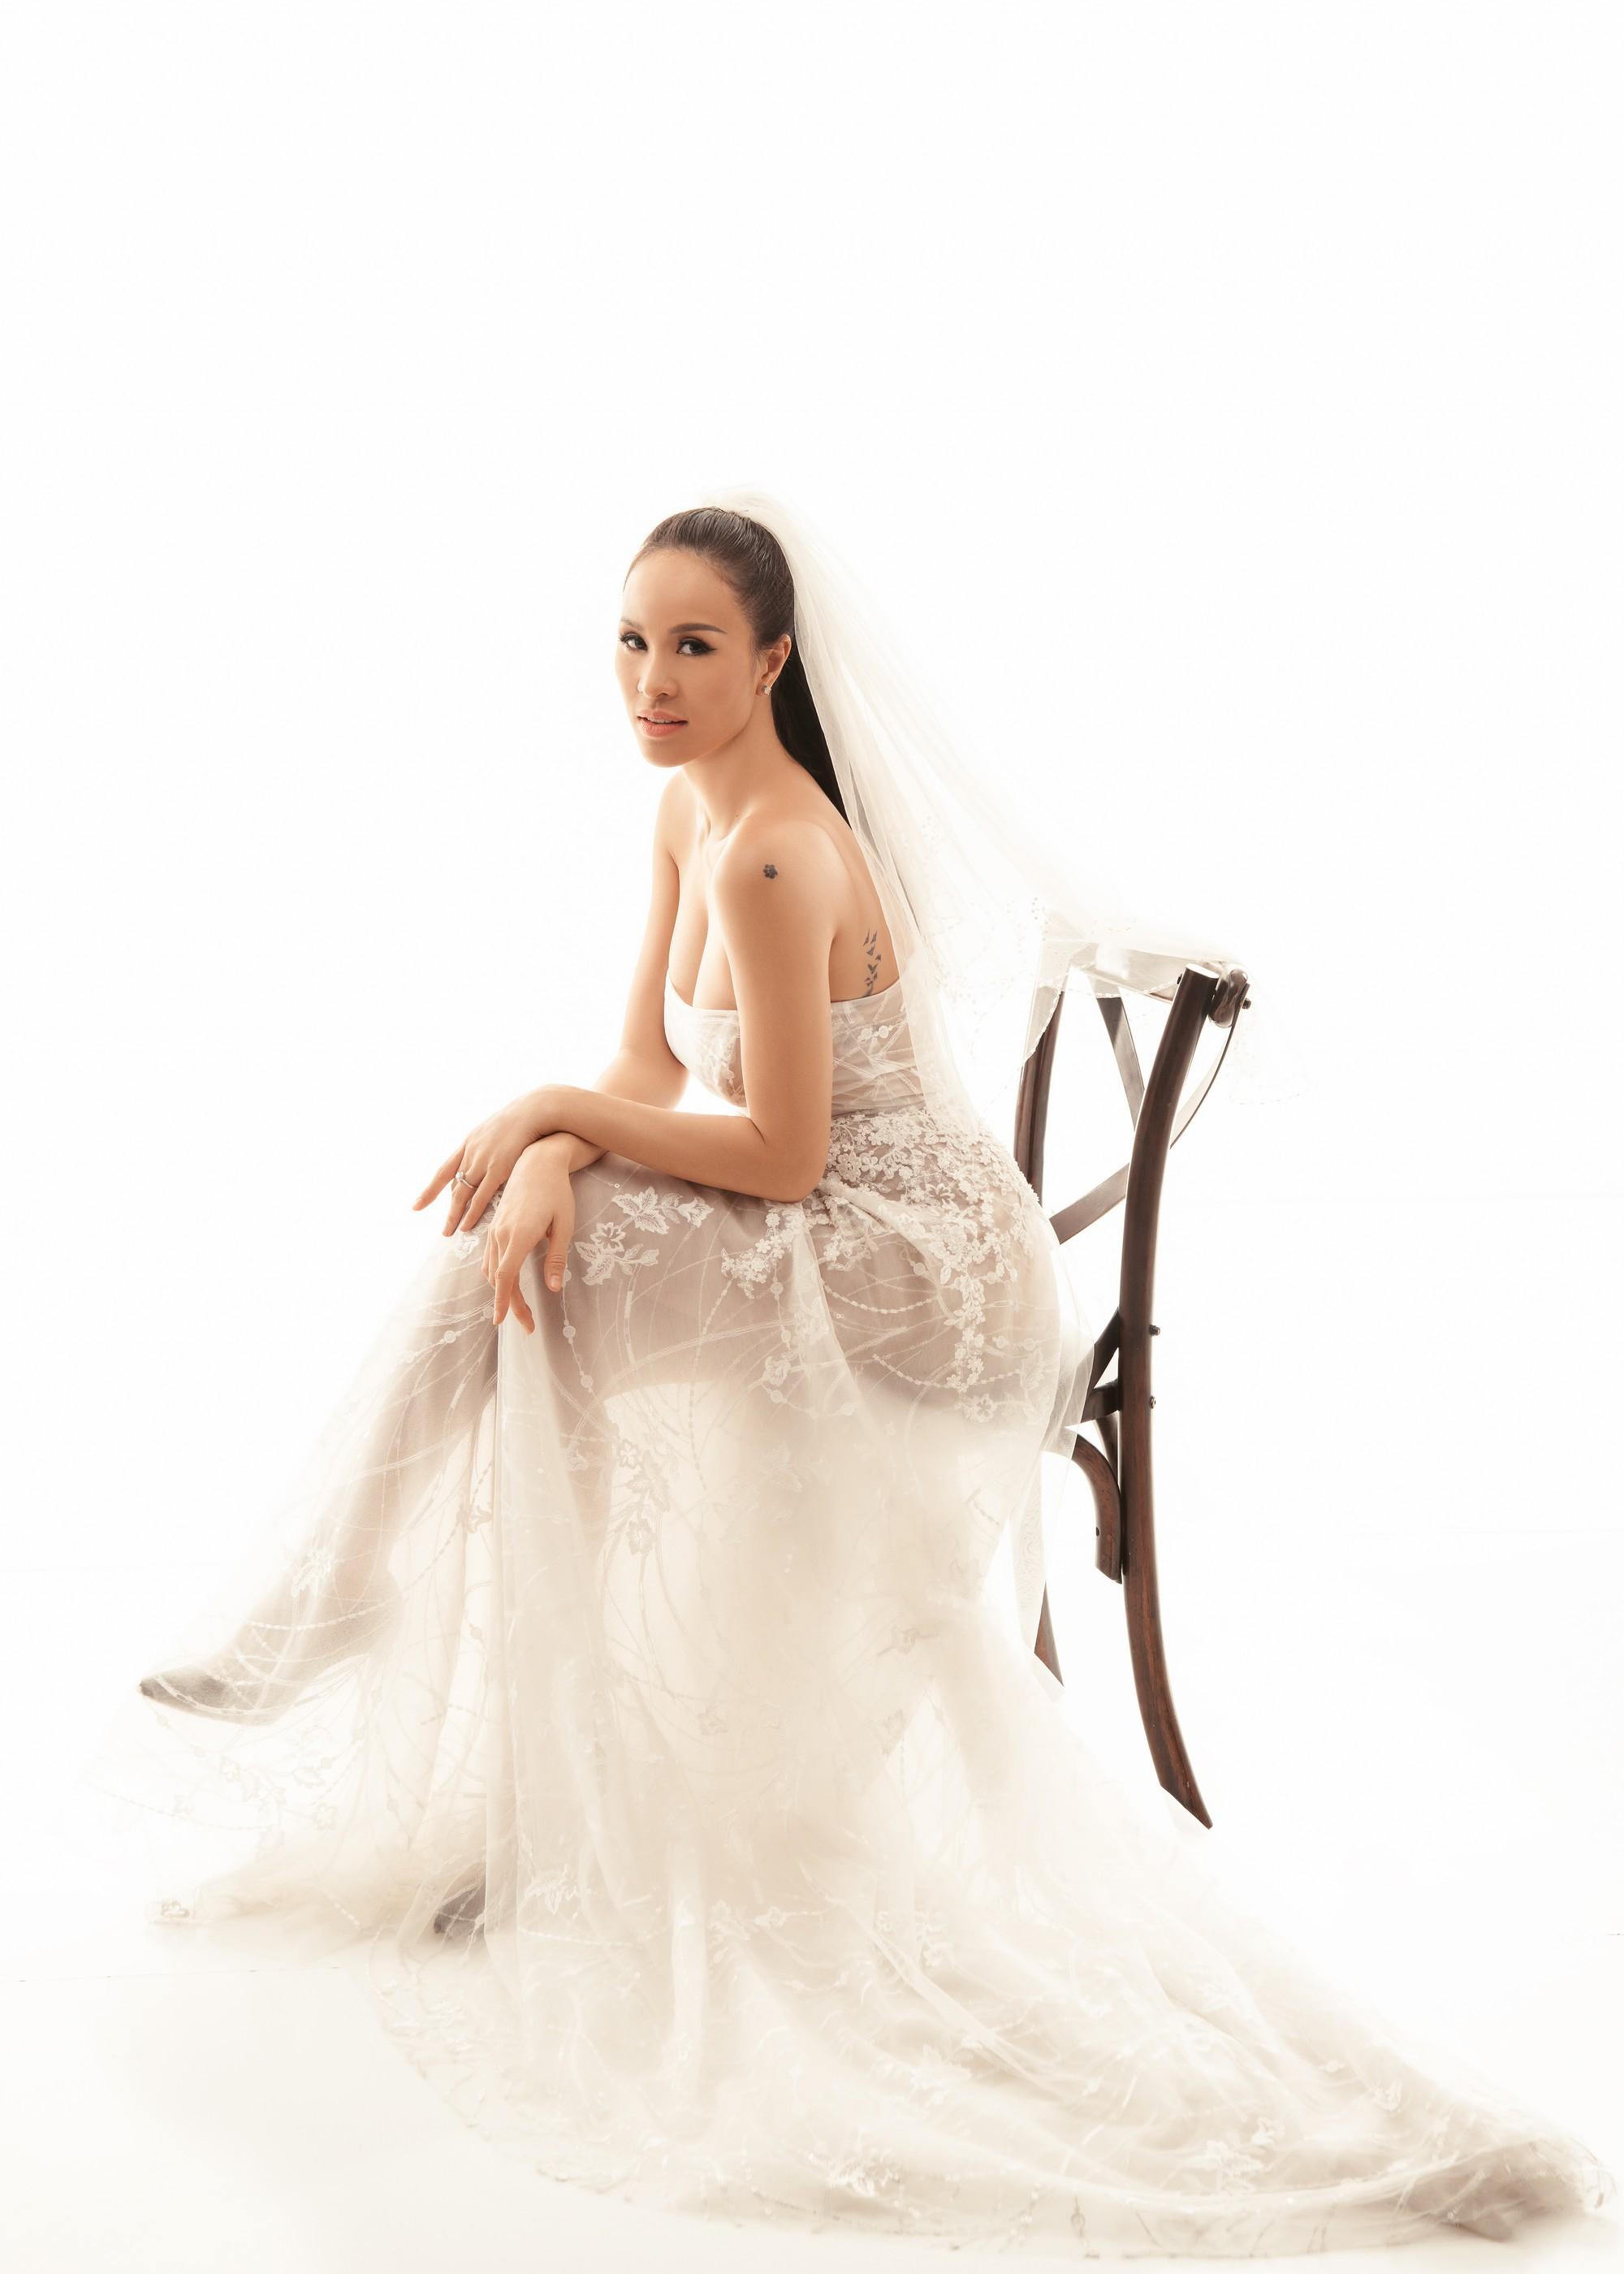 Siêu mẫu Phương Mai khoá môi ông xã Tây cực ngọt ngào trong bộ ảnh cưới trước ngày lên xe hoa - Ảnh 4.